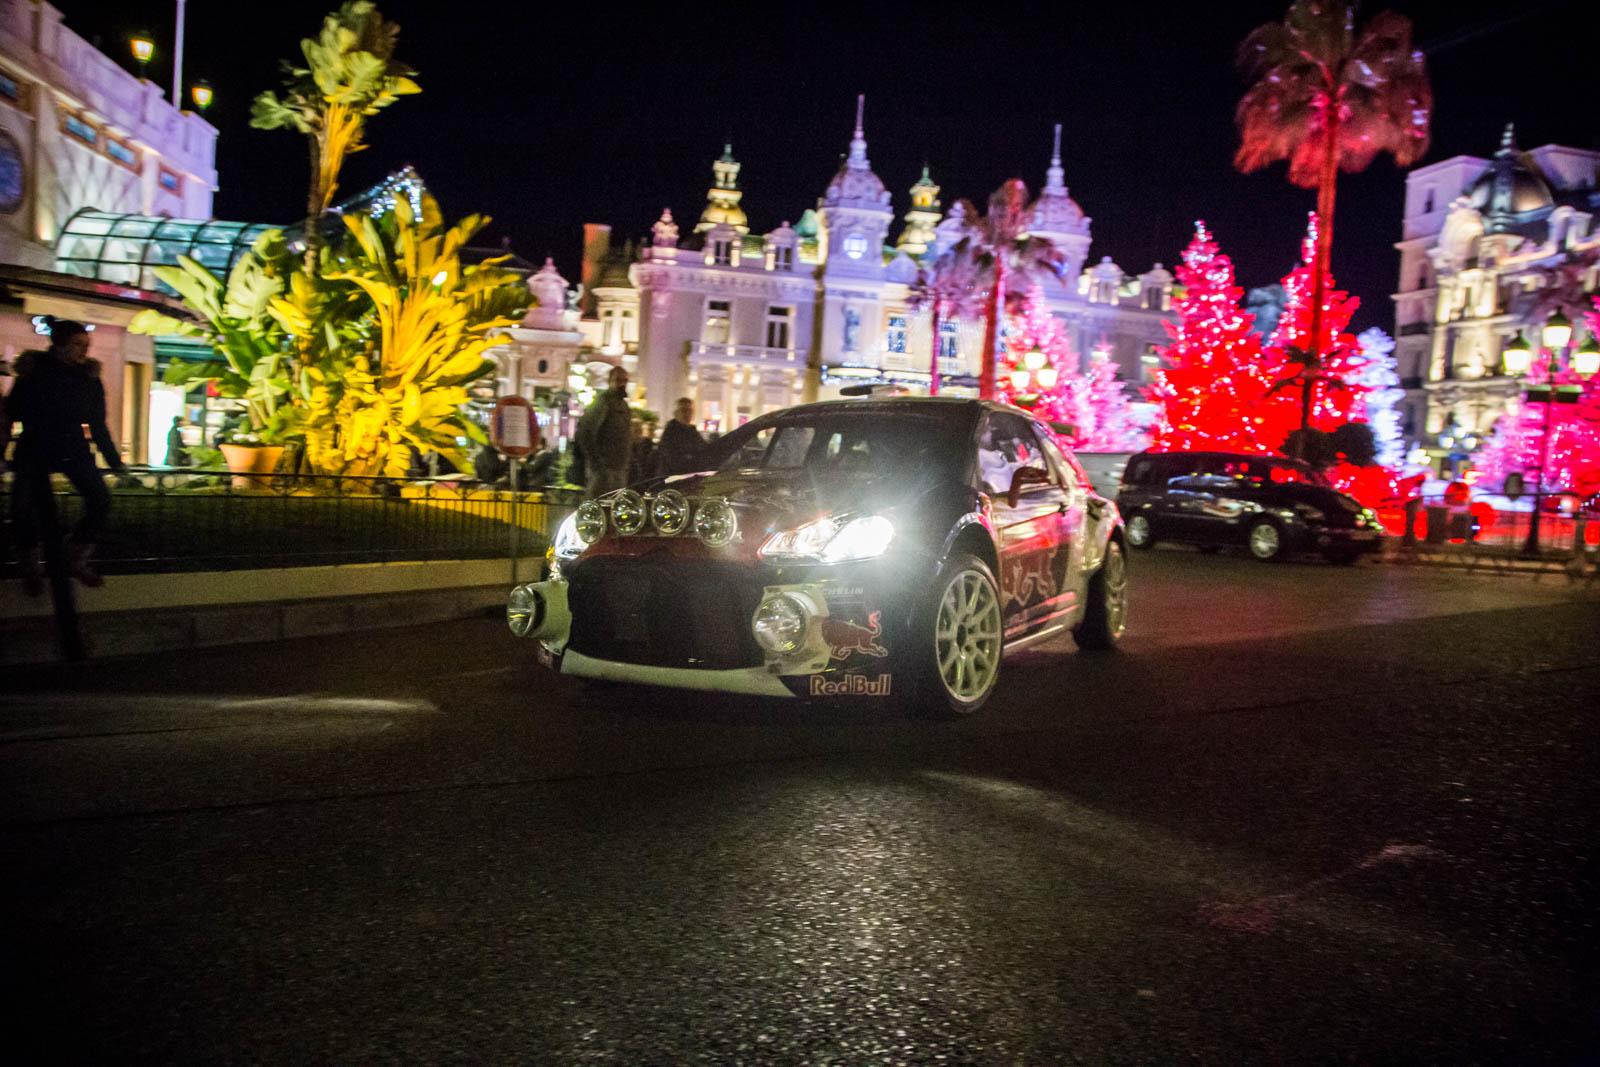 2015-01-22 Rally de Monte-Carlo copyright Ivan Blanco - LR-3399.jpg